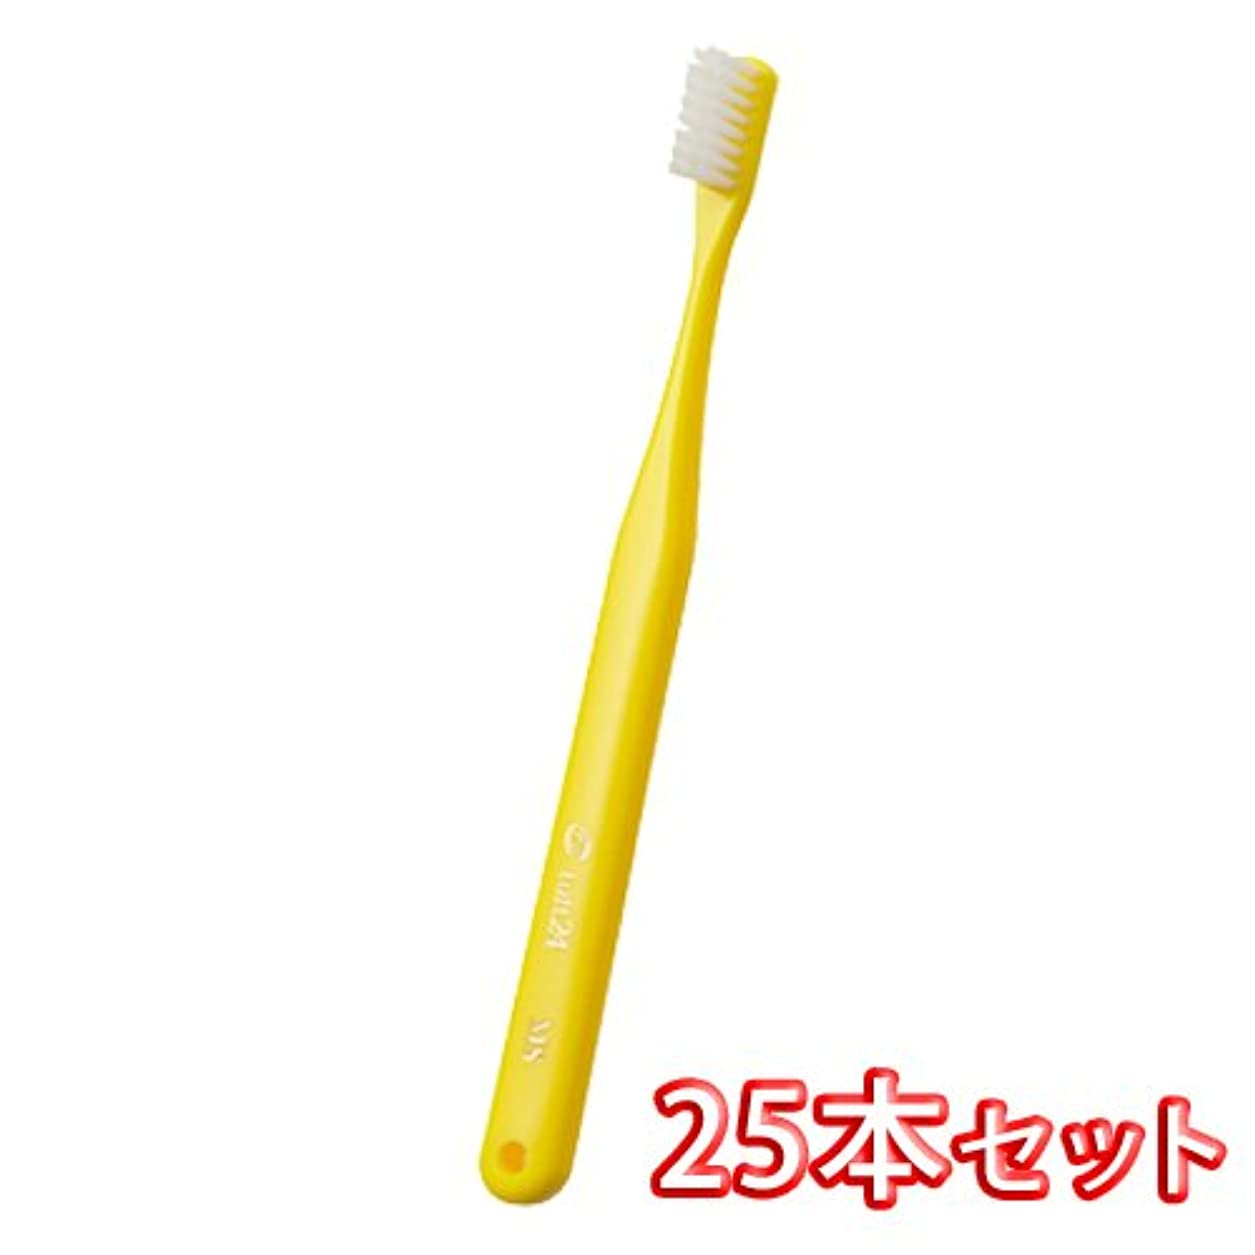 見る人ボイラー一オーラルケア キャップ付き タフト 24 歯ブラシ 25本入 ミディアムハード MH (イエロー)